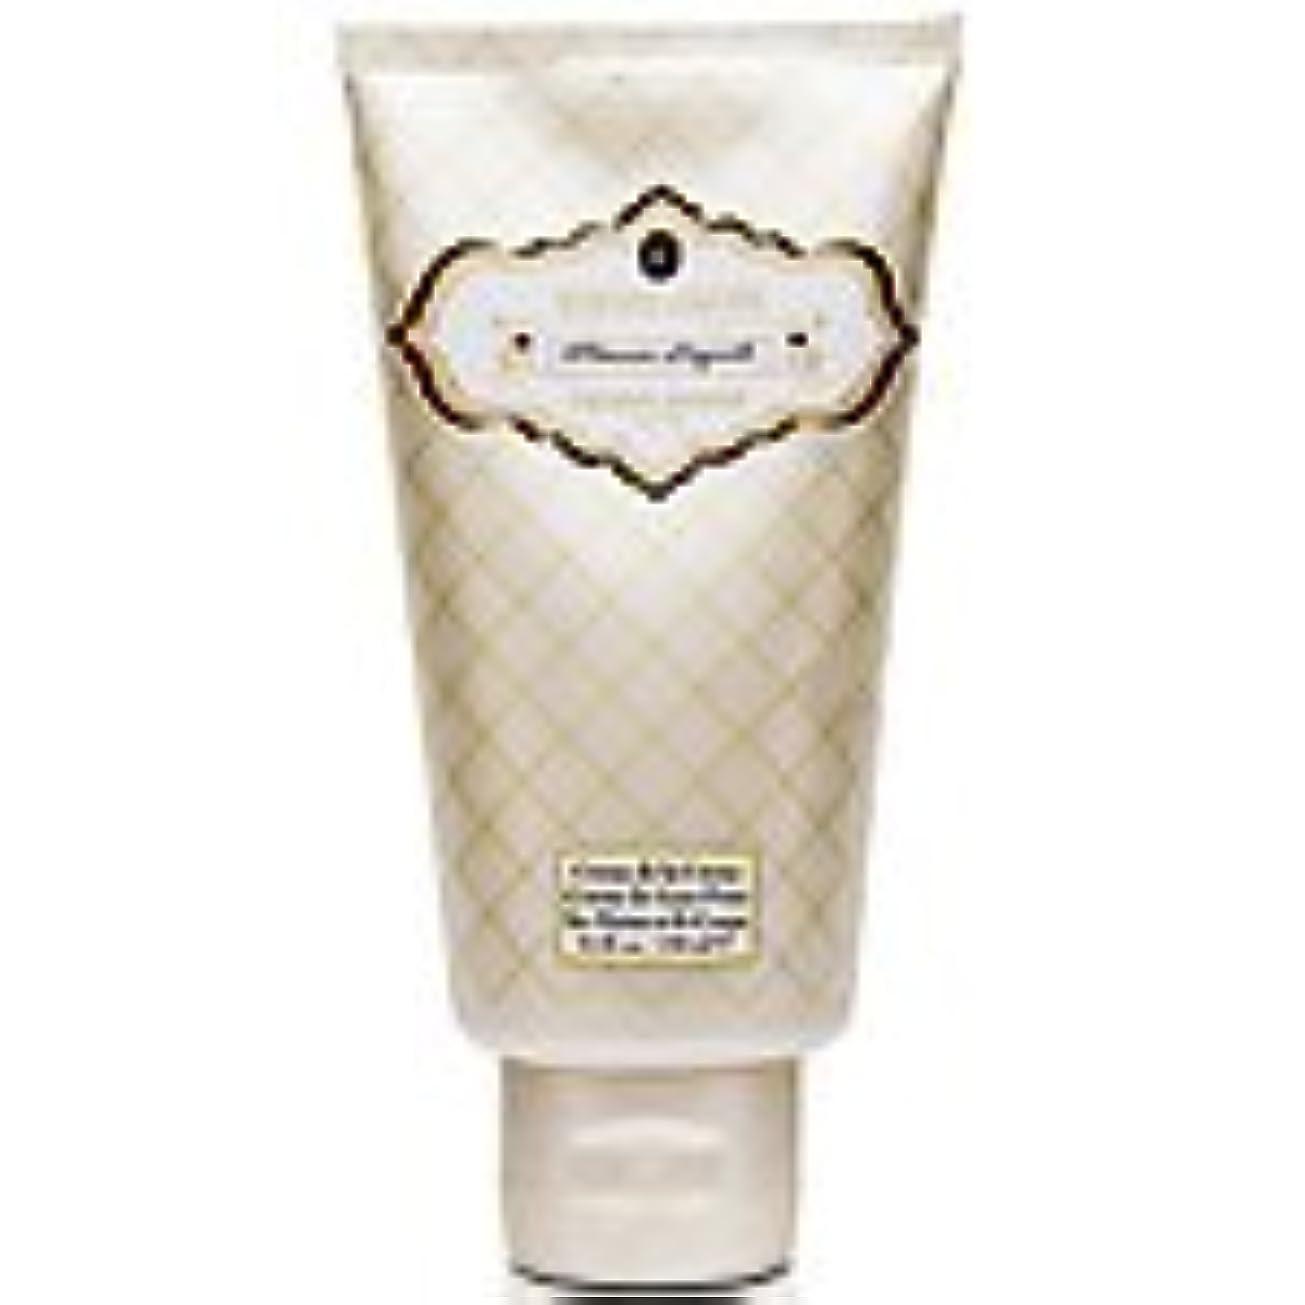 ダイヤル上院議員守るMemoire Liquide Reserve - Amour Liquide (メモワールリキッドリザーブ - アモアーリキッド) 5.1 oz (153ml) Body Cream for Unisex